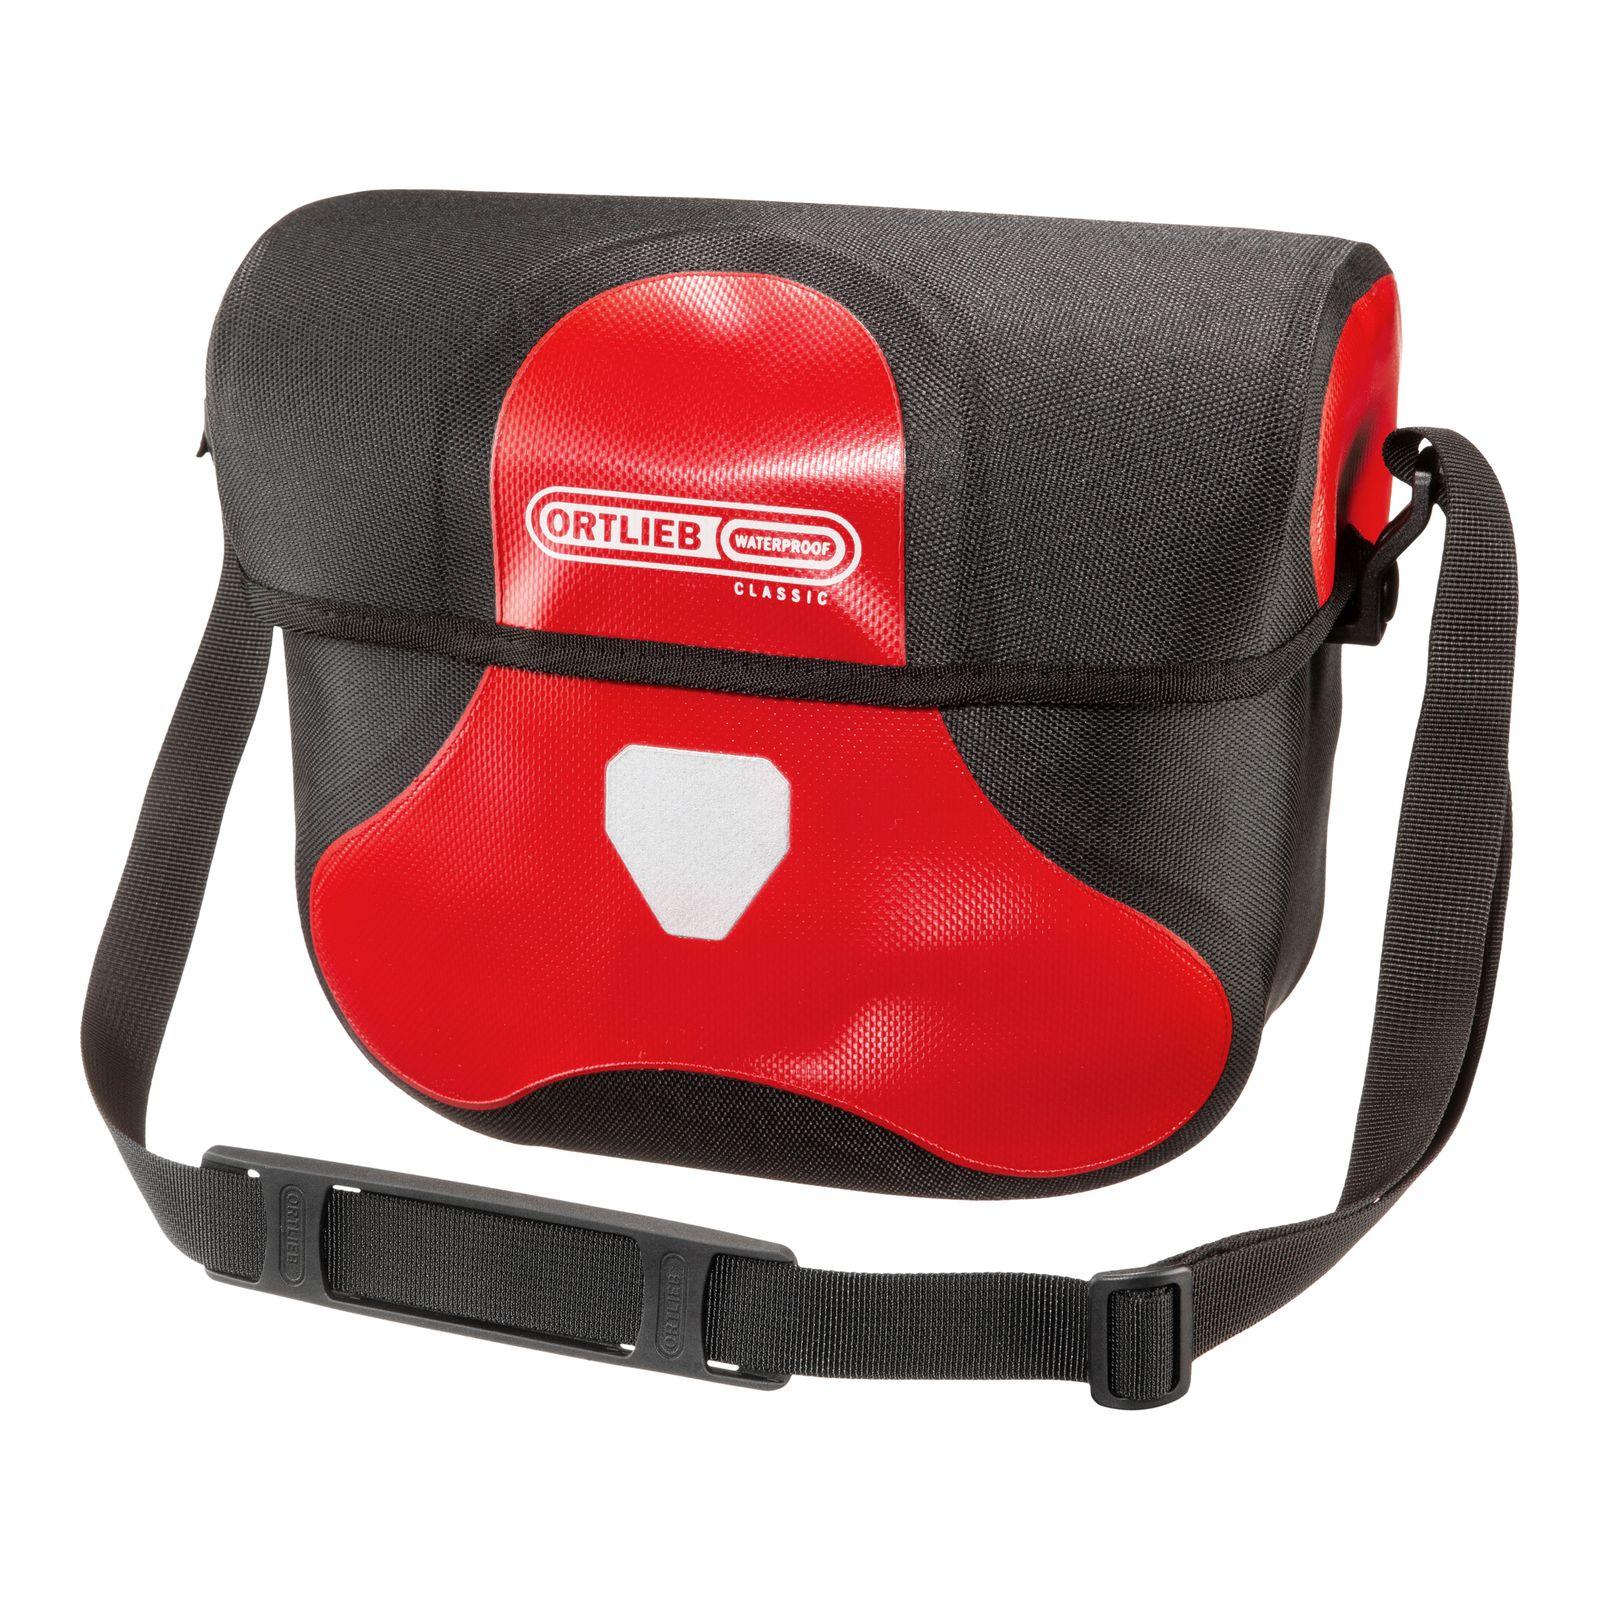 ORTLIEB Classic Ultimate Six Bike Handlebar Bag 7L Red-Black